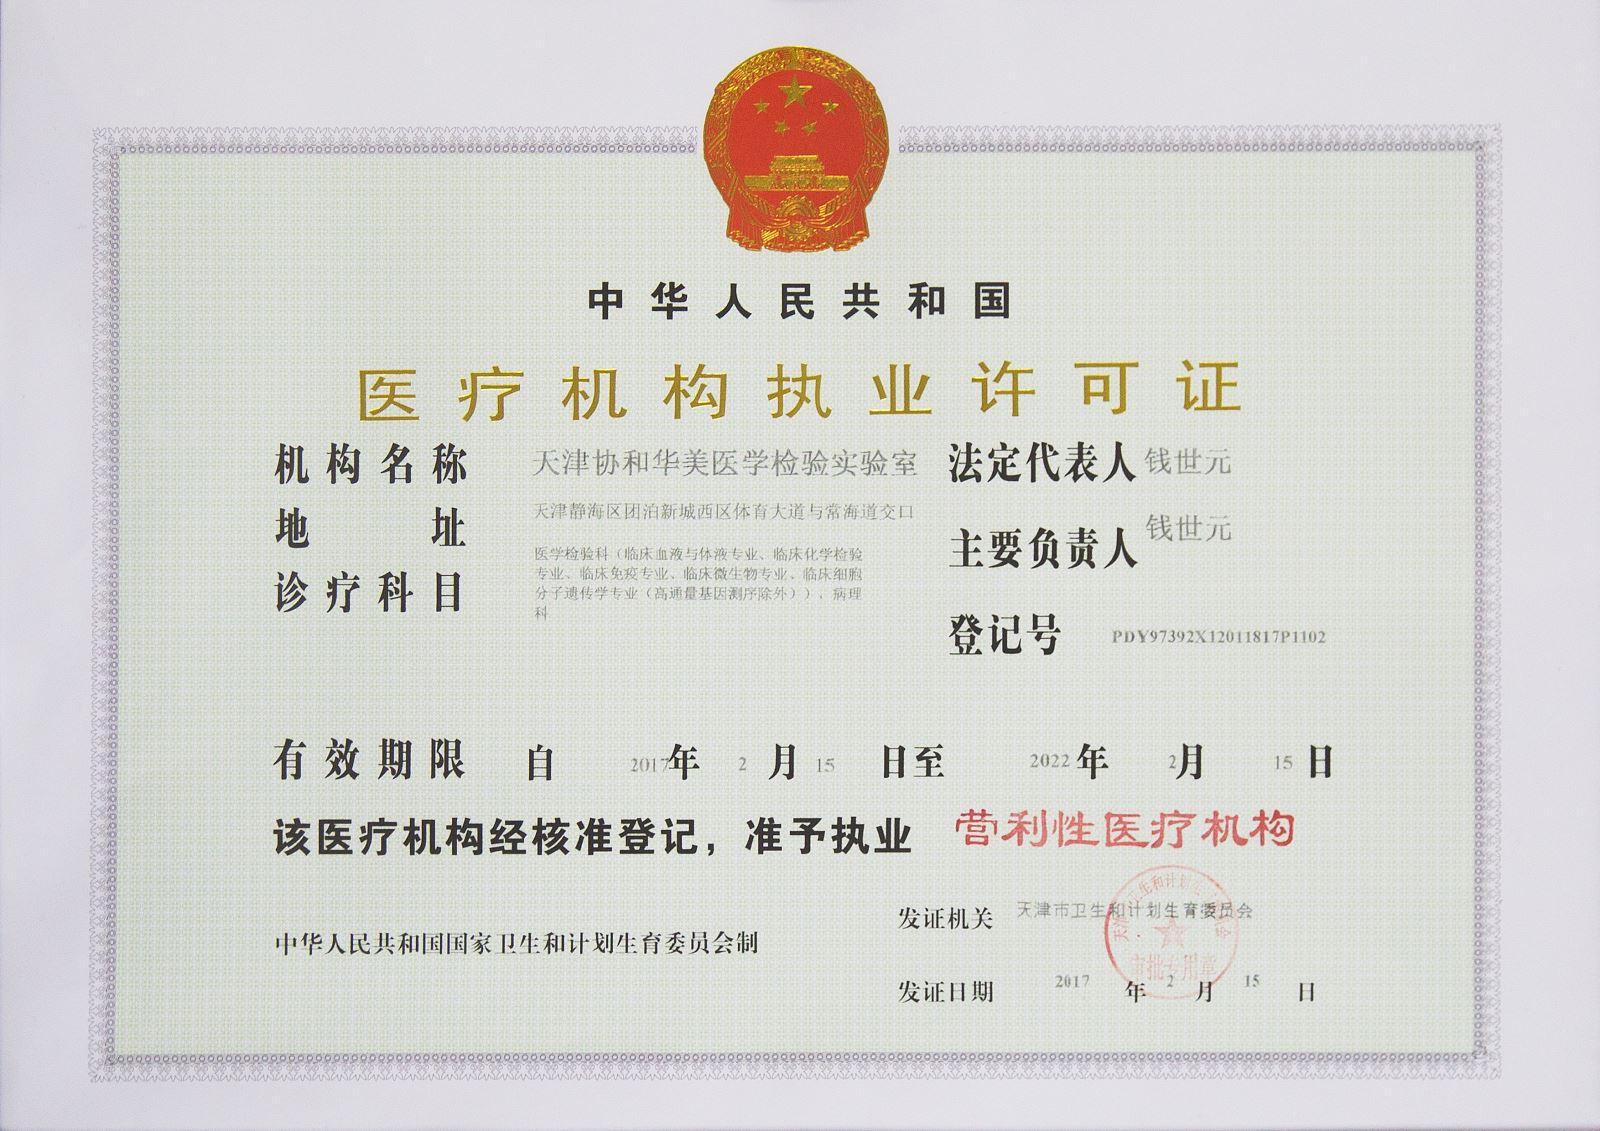 医疗机构执业许可证_律师执业许可_律师执业许可申请表 北京